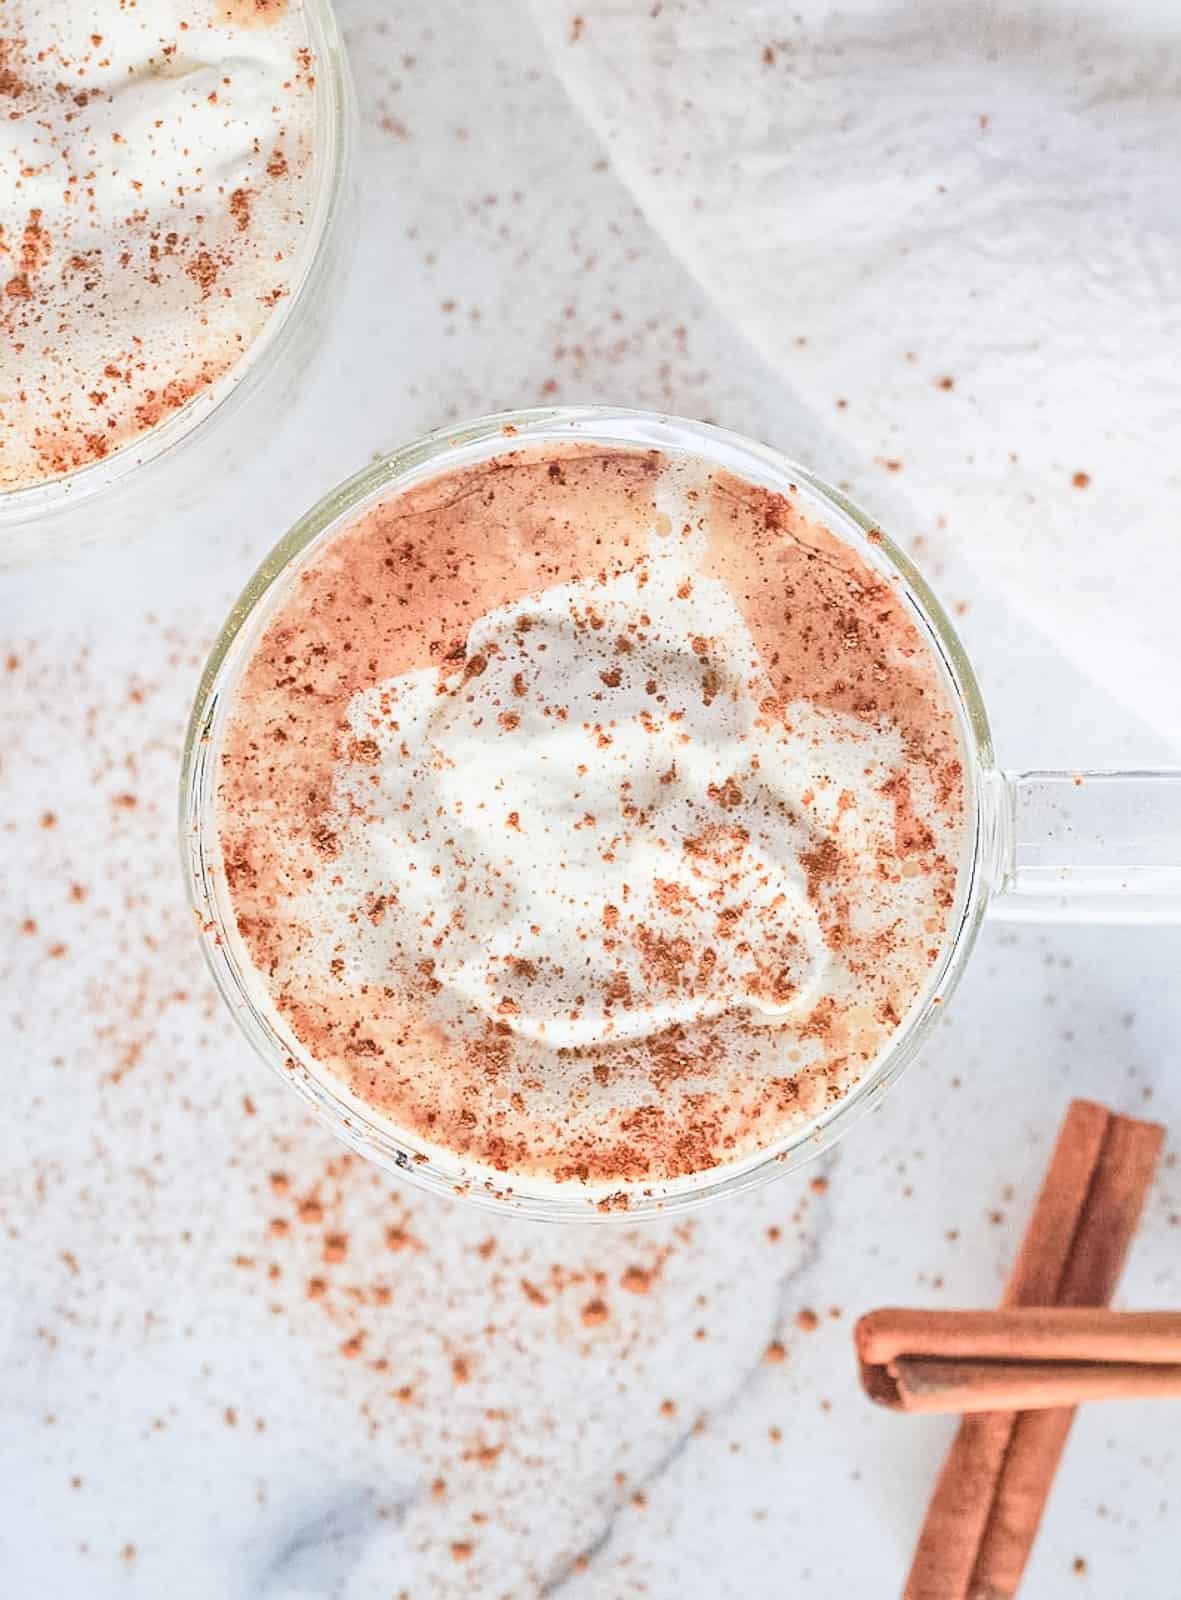 Paleo Hot Cocoa with coconut cream and cinnamon.